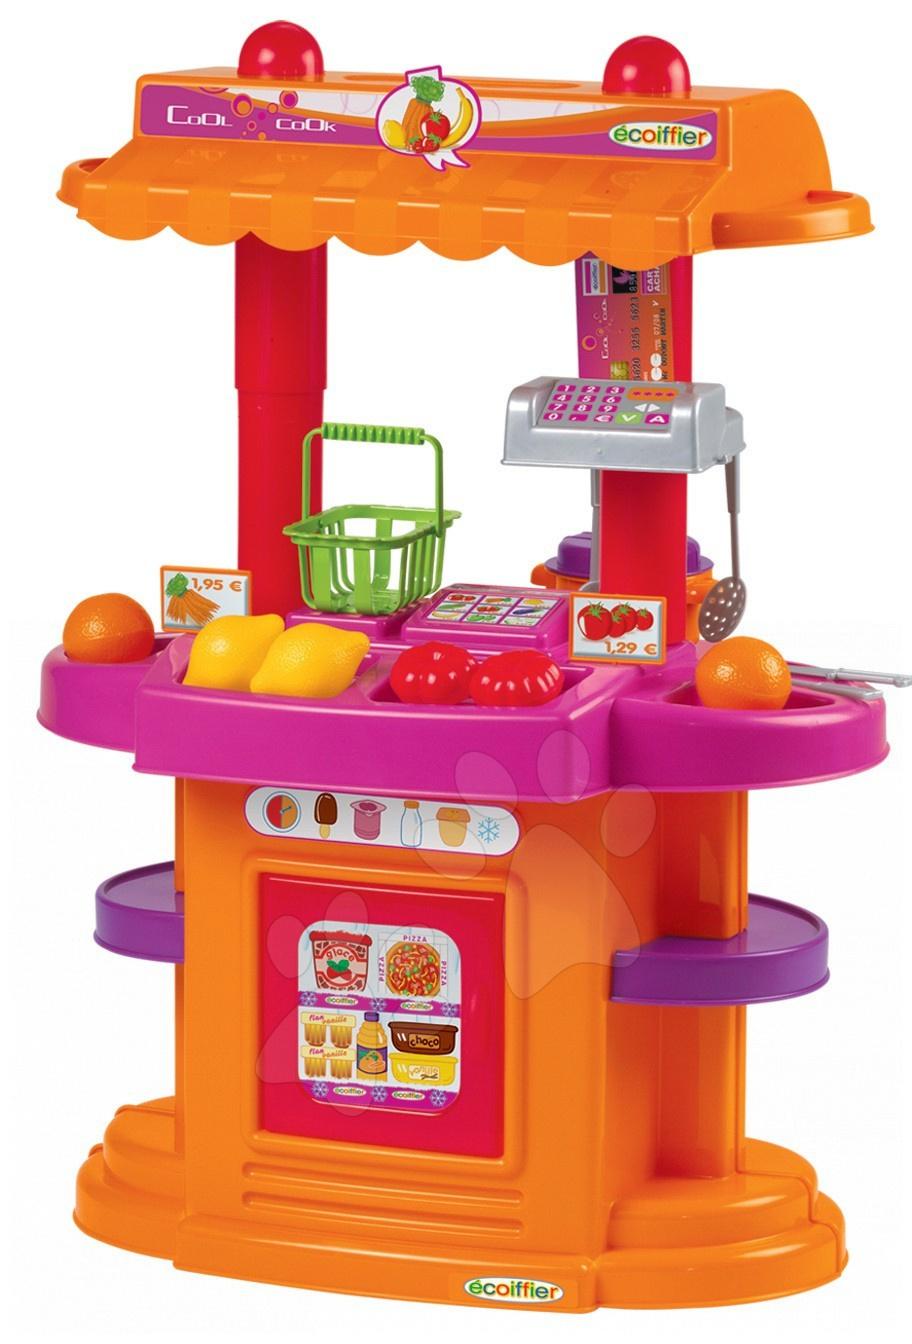 Obyčejné kuchyňky - Kuchyňka Bubble Cook s obchodem Écoiffier oboustranná oranžovo-fialová a 17 doplňků od 18 měsíců